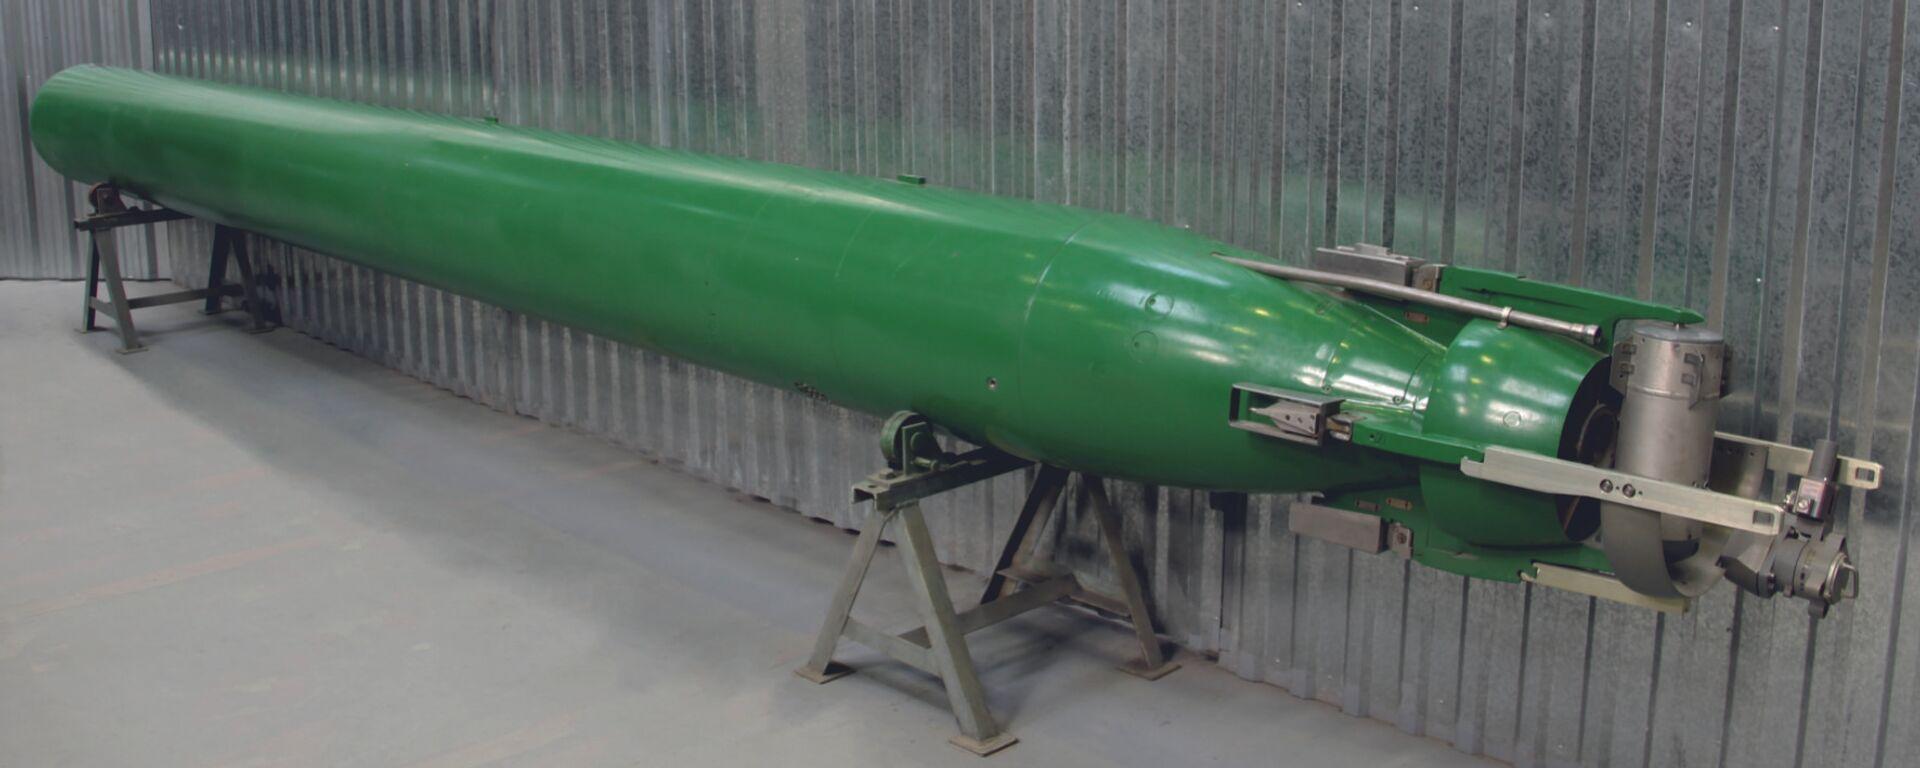 Univerzalna samonavođena torpeda (UGST) Fizik - Sputnik Srbija, 1920, 27.06.2021